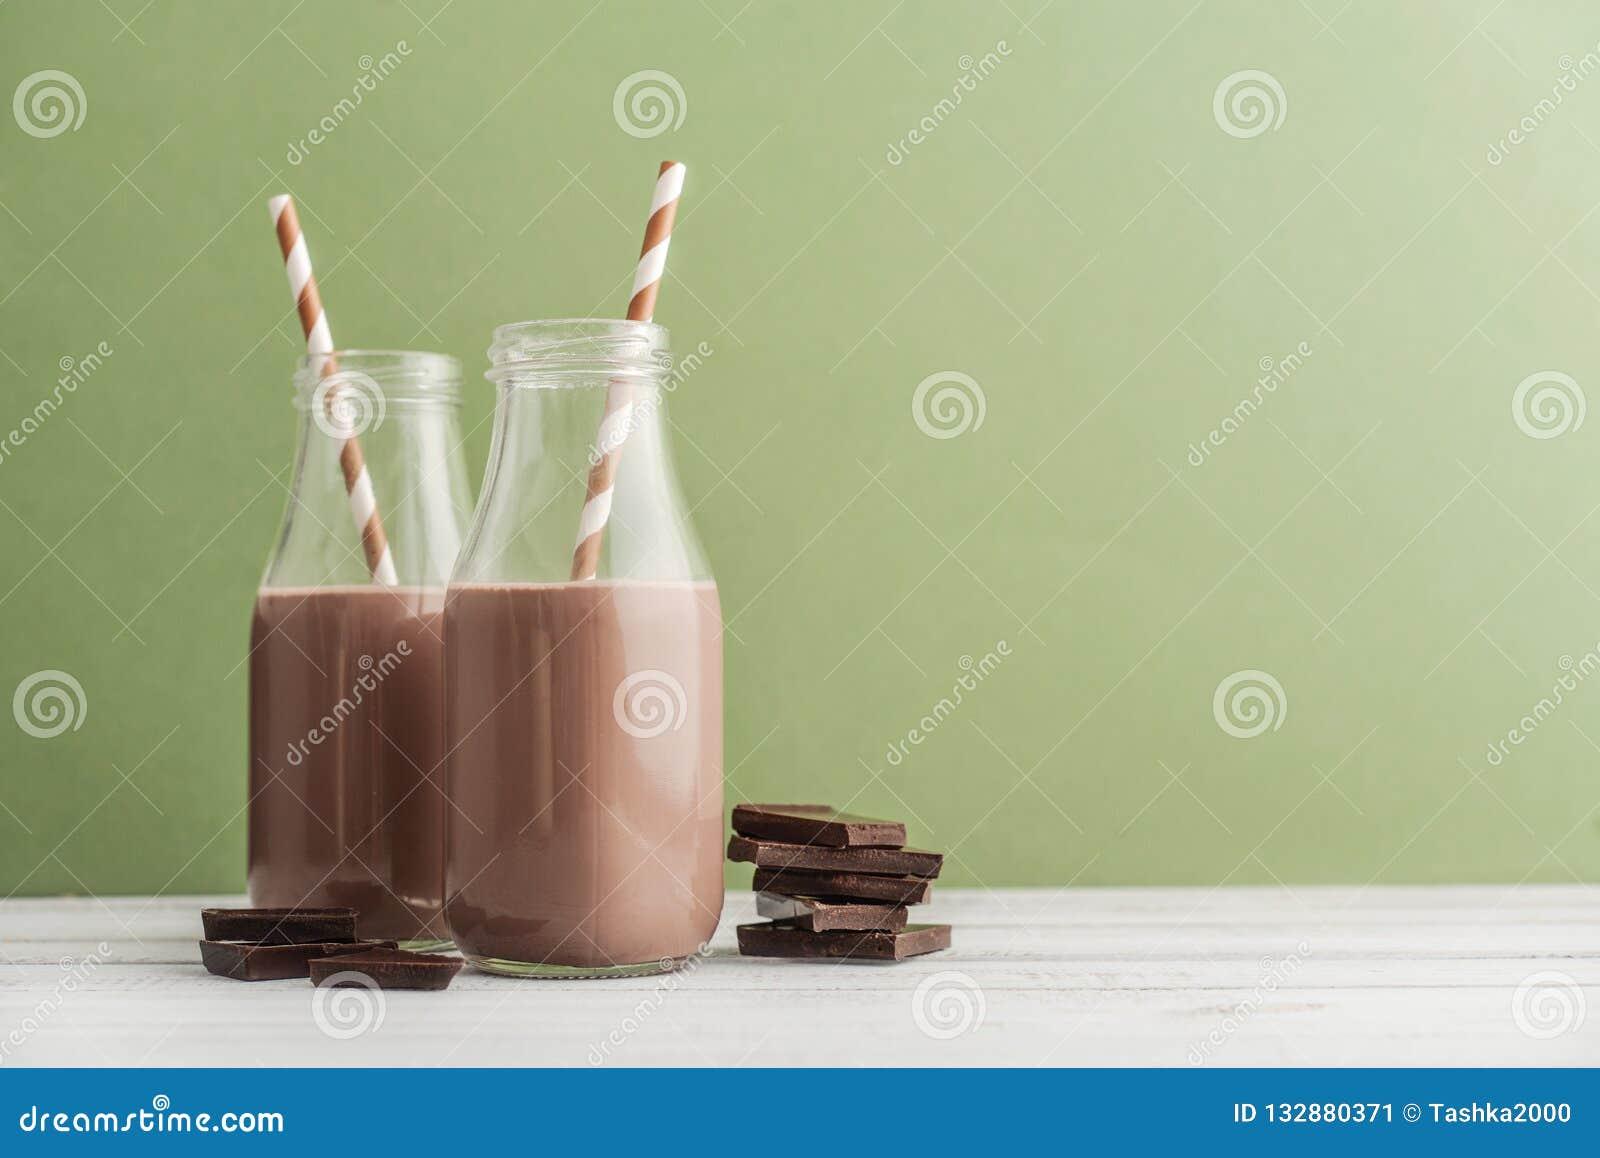 Leite de chocolate de duas garrafas